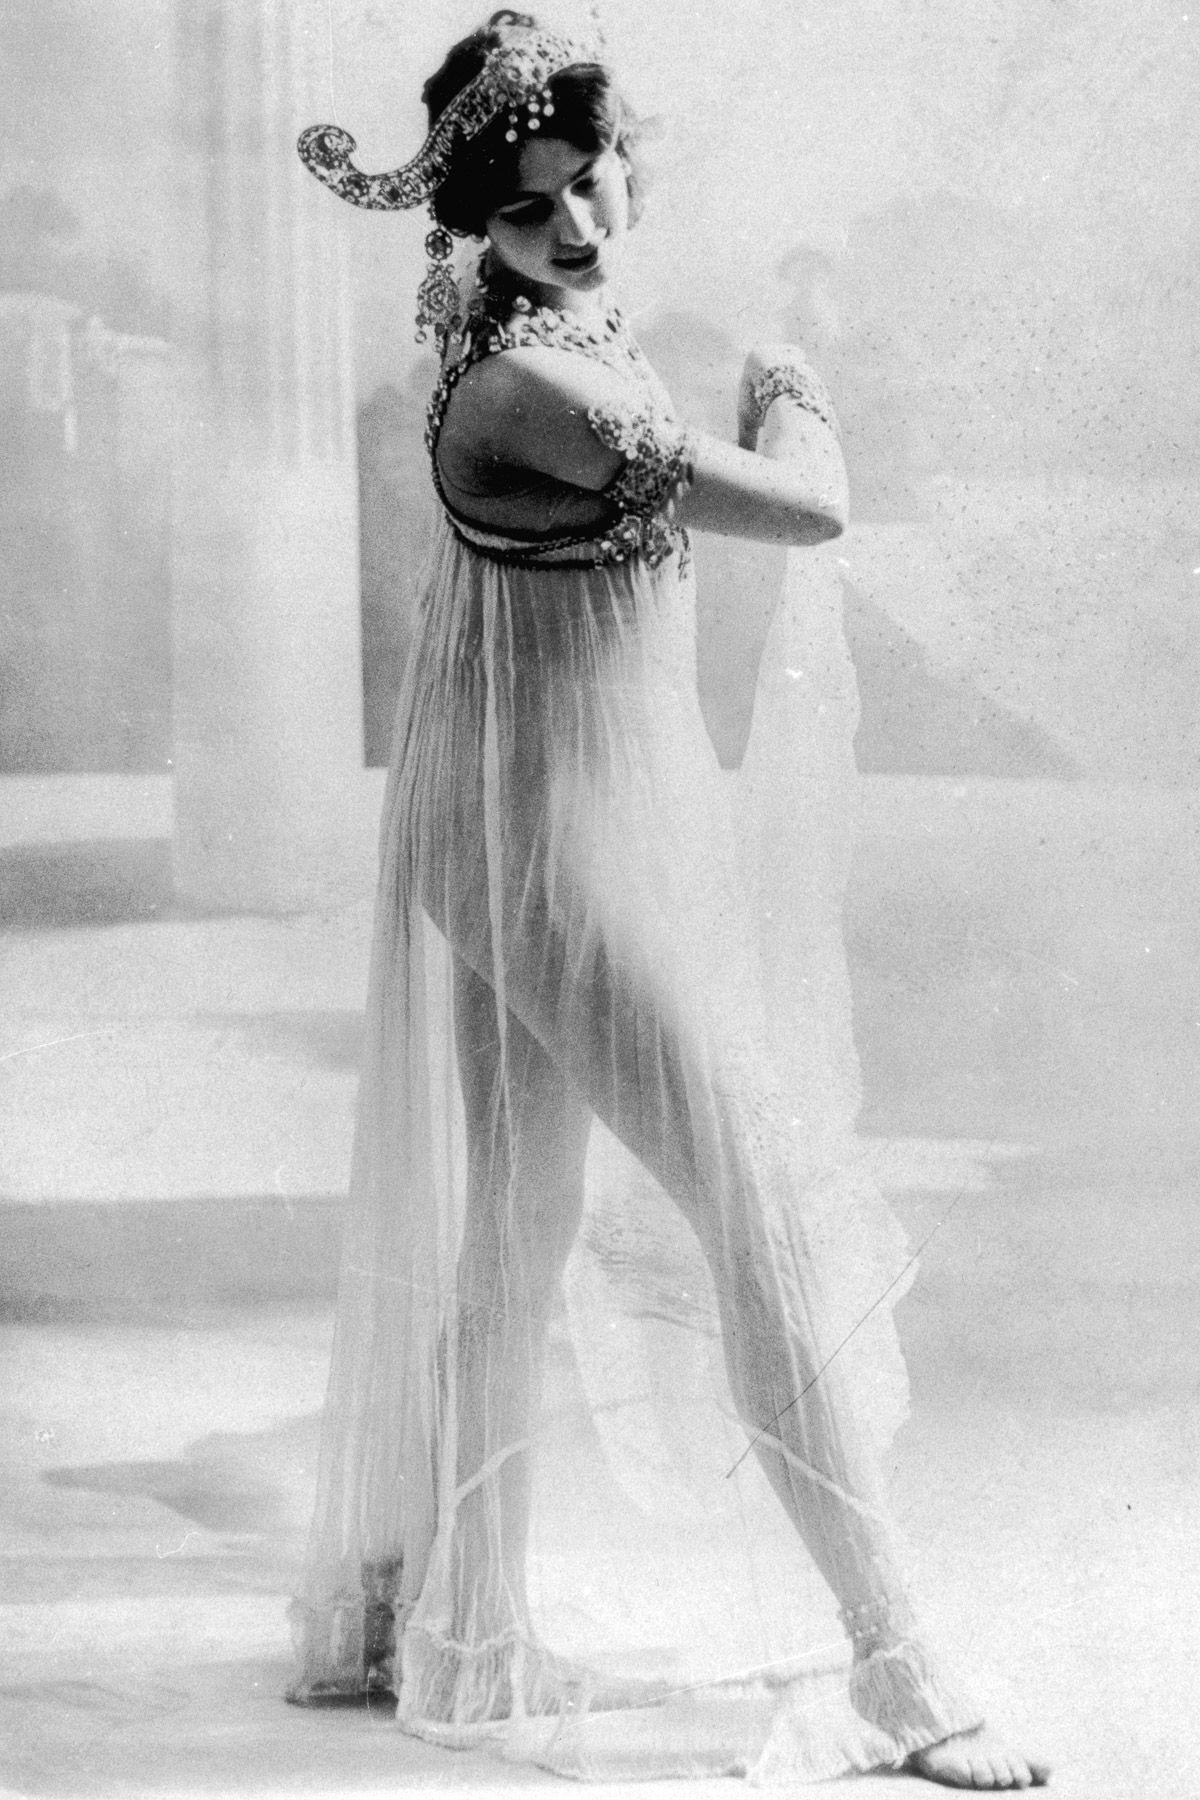 A história dramática de Mata Hari, dançarina exótica e notória espiã da Primeira Guerra Mundial 02